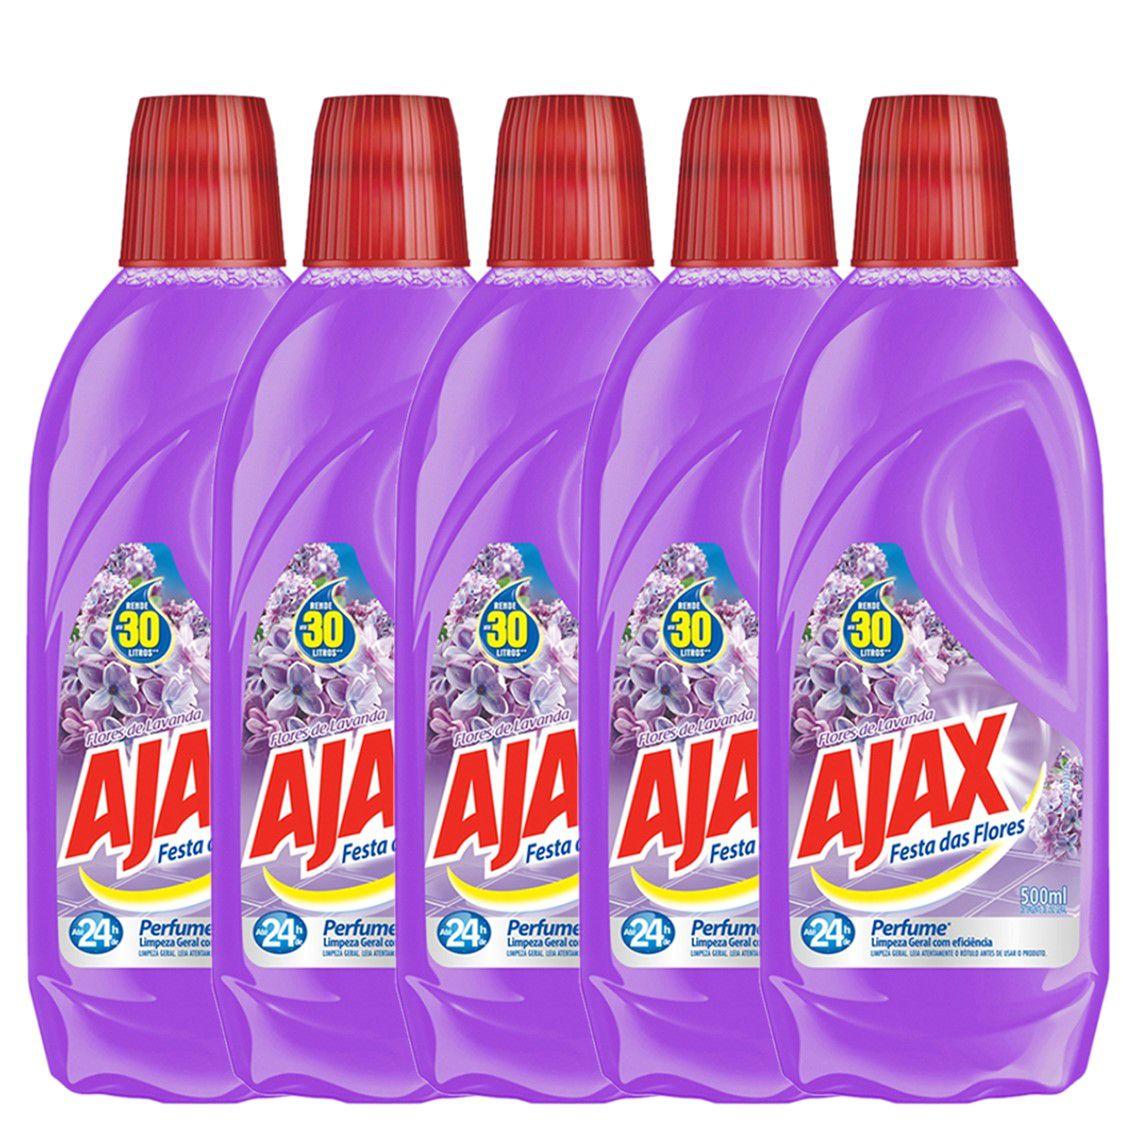 Kit com 5 Limpador Diluível Ajax Festa das Flores Lavanda 500ml Cada